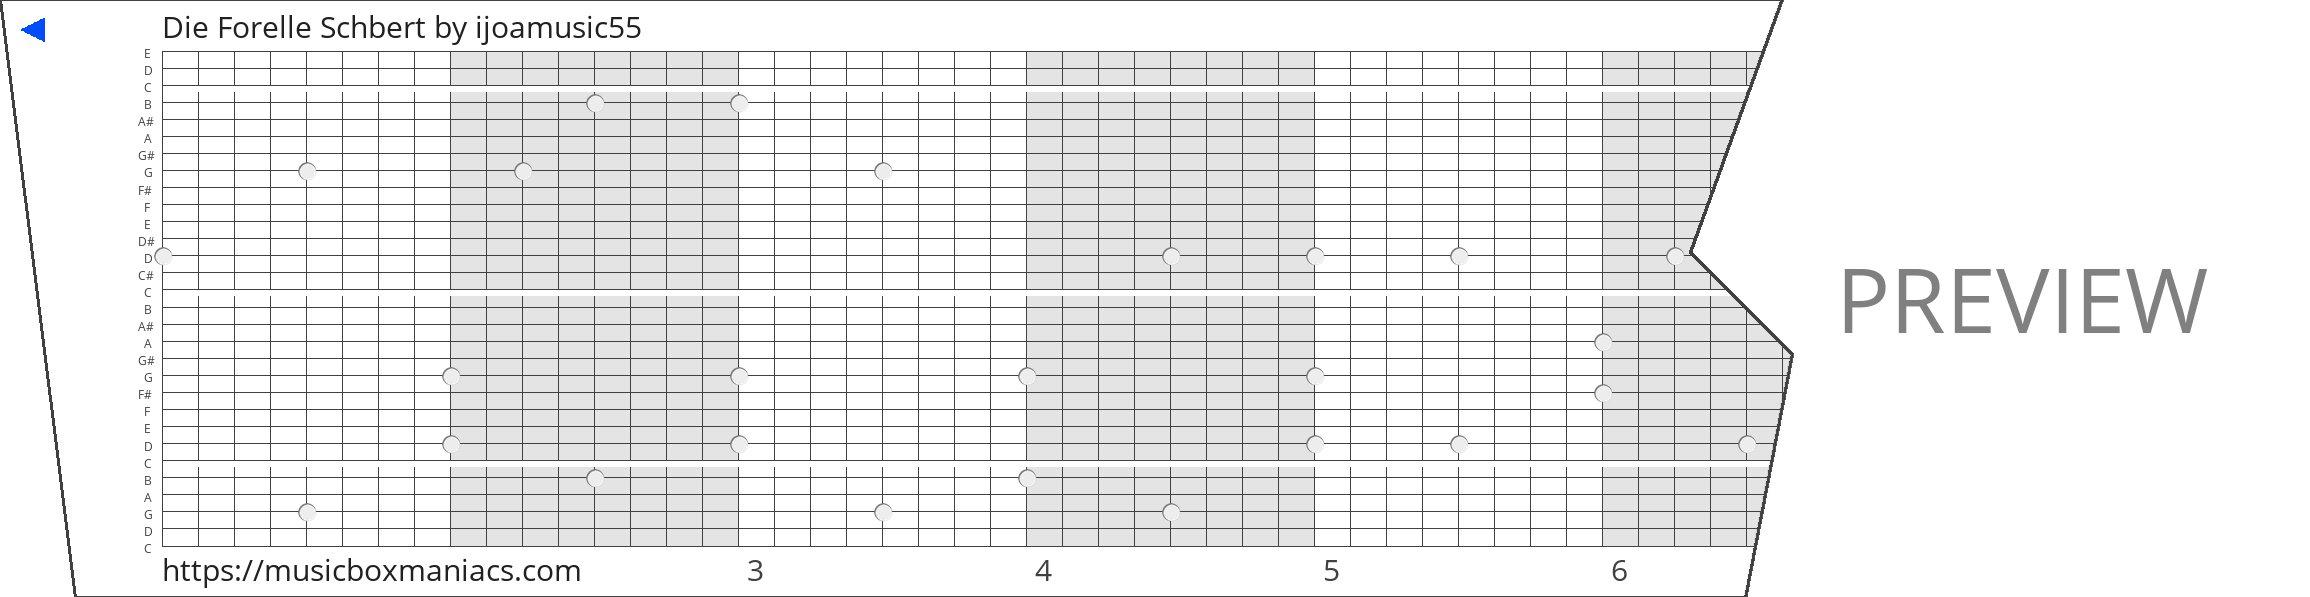 Die Forelle Schbert 30 note music box paper strip